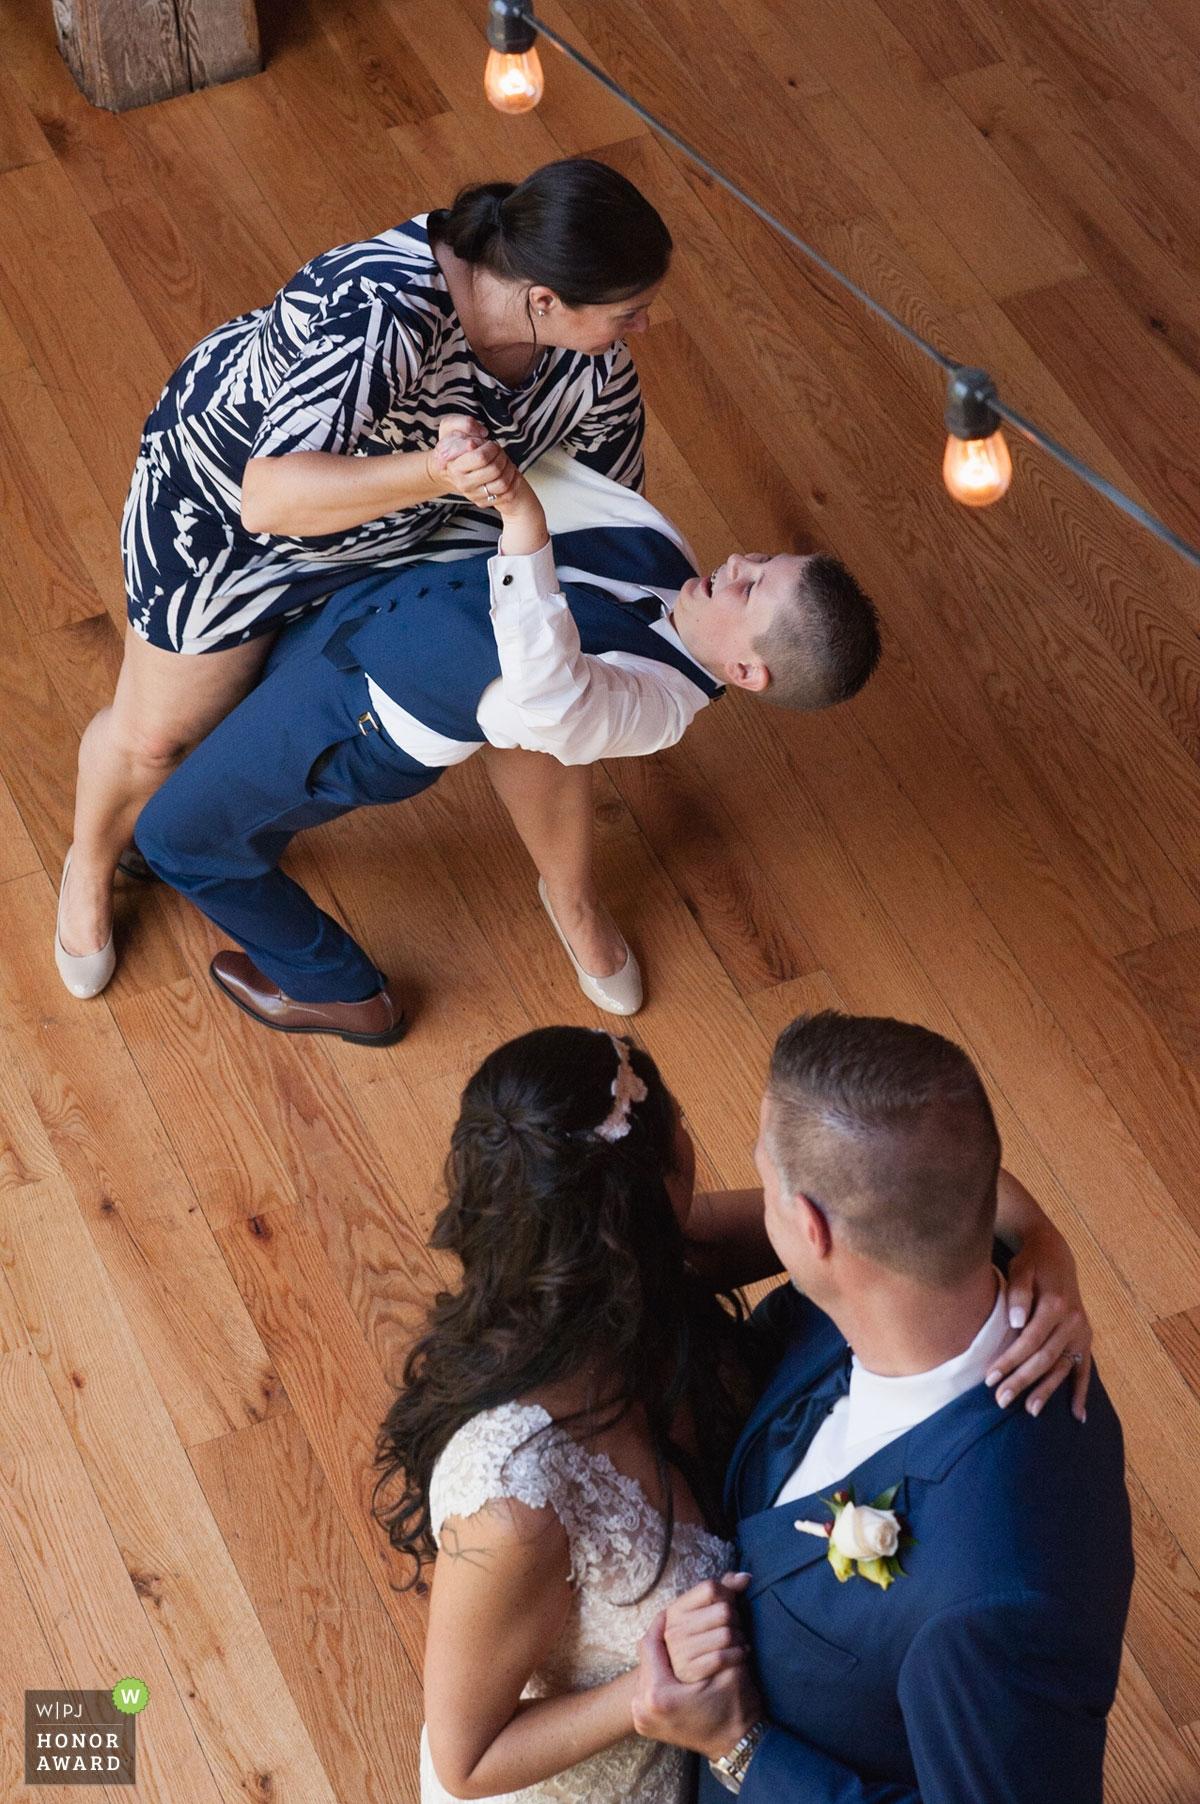 Danielle Gardner est une photographe de mariage primée du NY WPJA